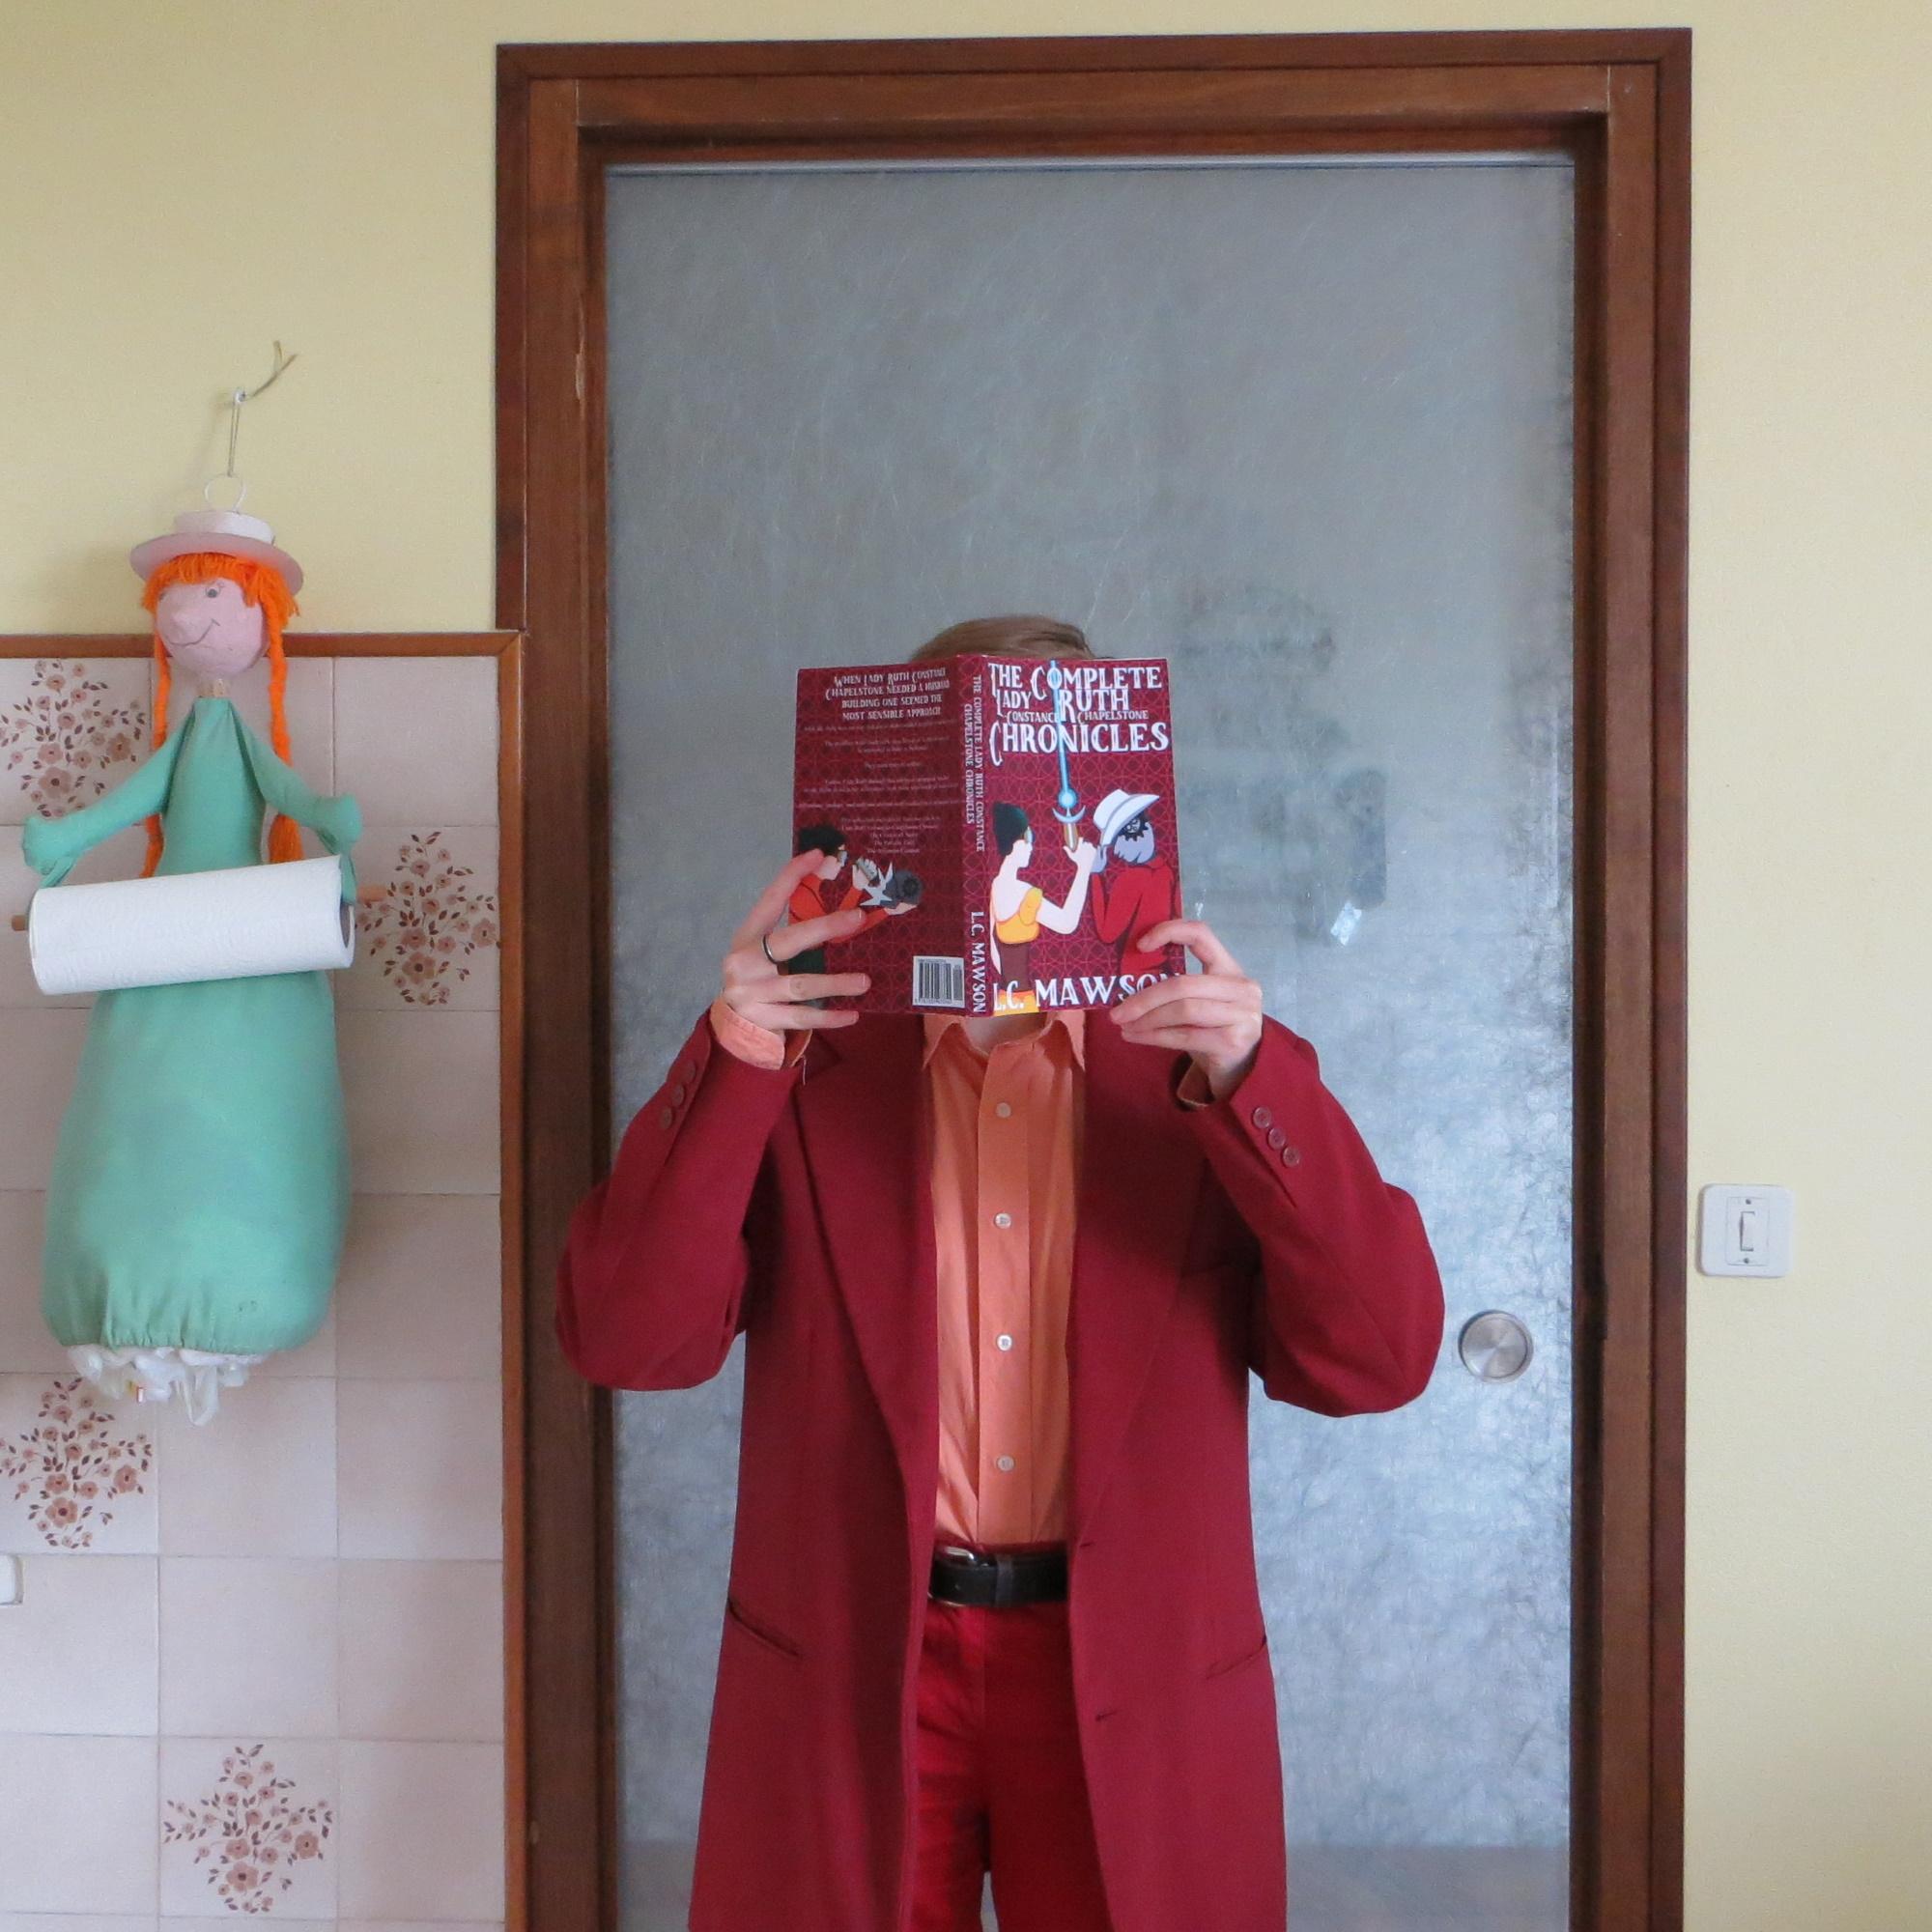 personne en rouge lisant Lady Ruth Constance Chapelstone Chronicles de L.C. Mawson devant un mur jaune vif